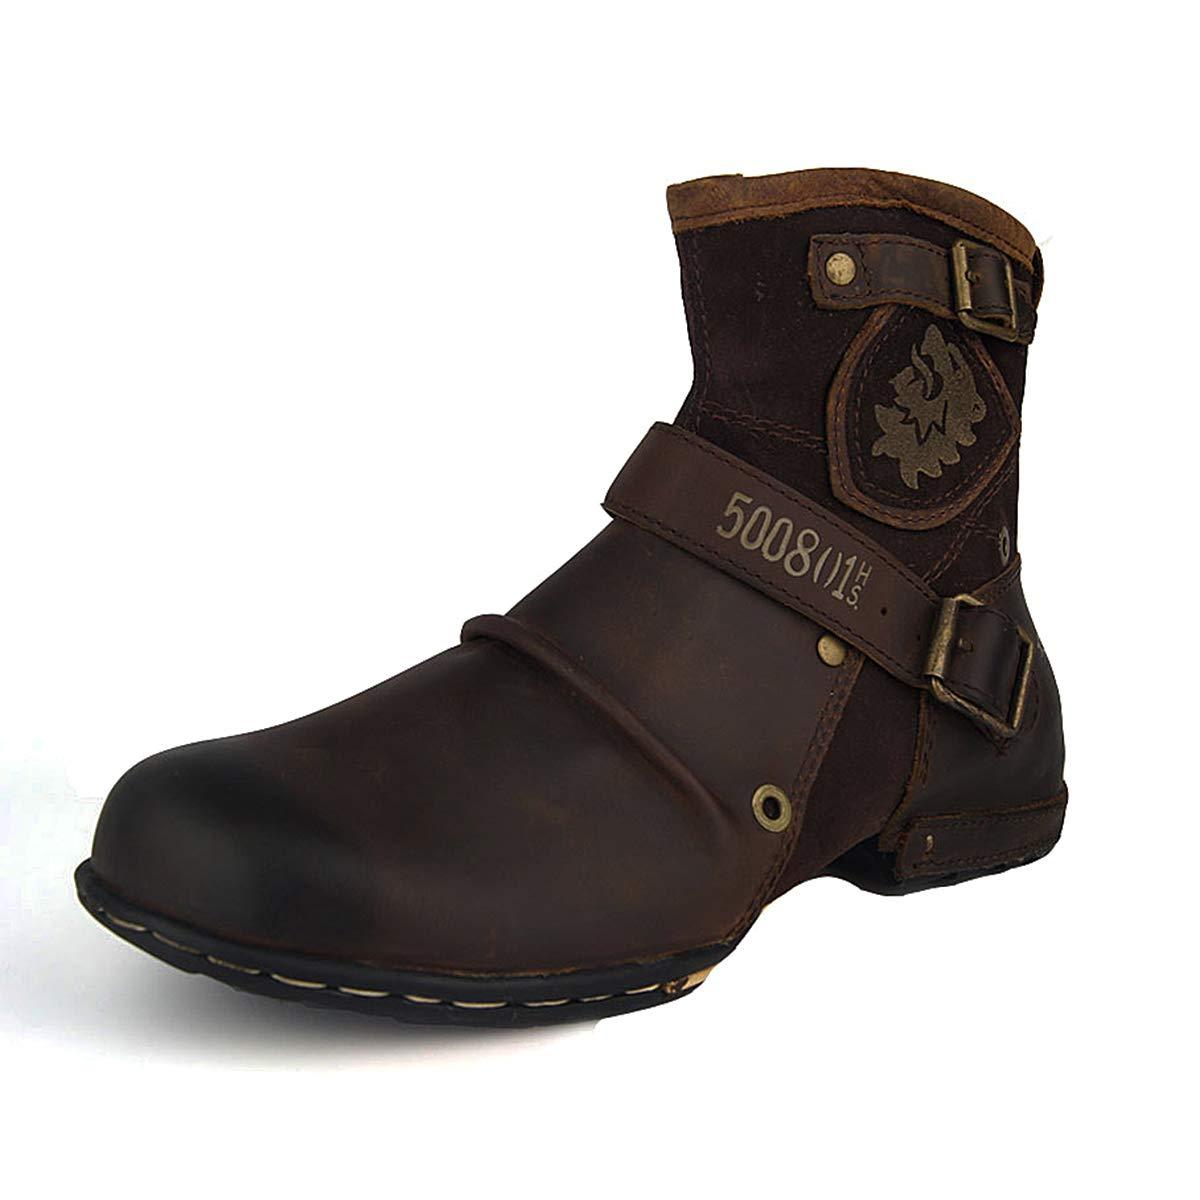 Suetar Echtes Leder Chukka Stiefel für Männer Herbst Herbst Herbst und Winter Mode Zipper-up Stiefeletten Herren Western Freizeitschuhe B07JZTP485  84dc82